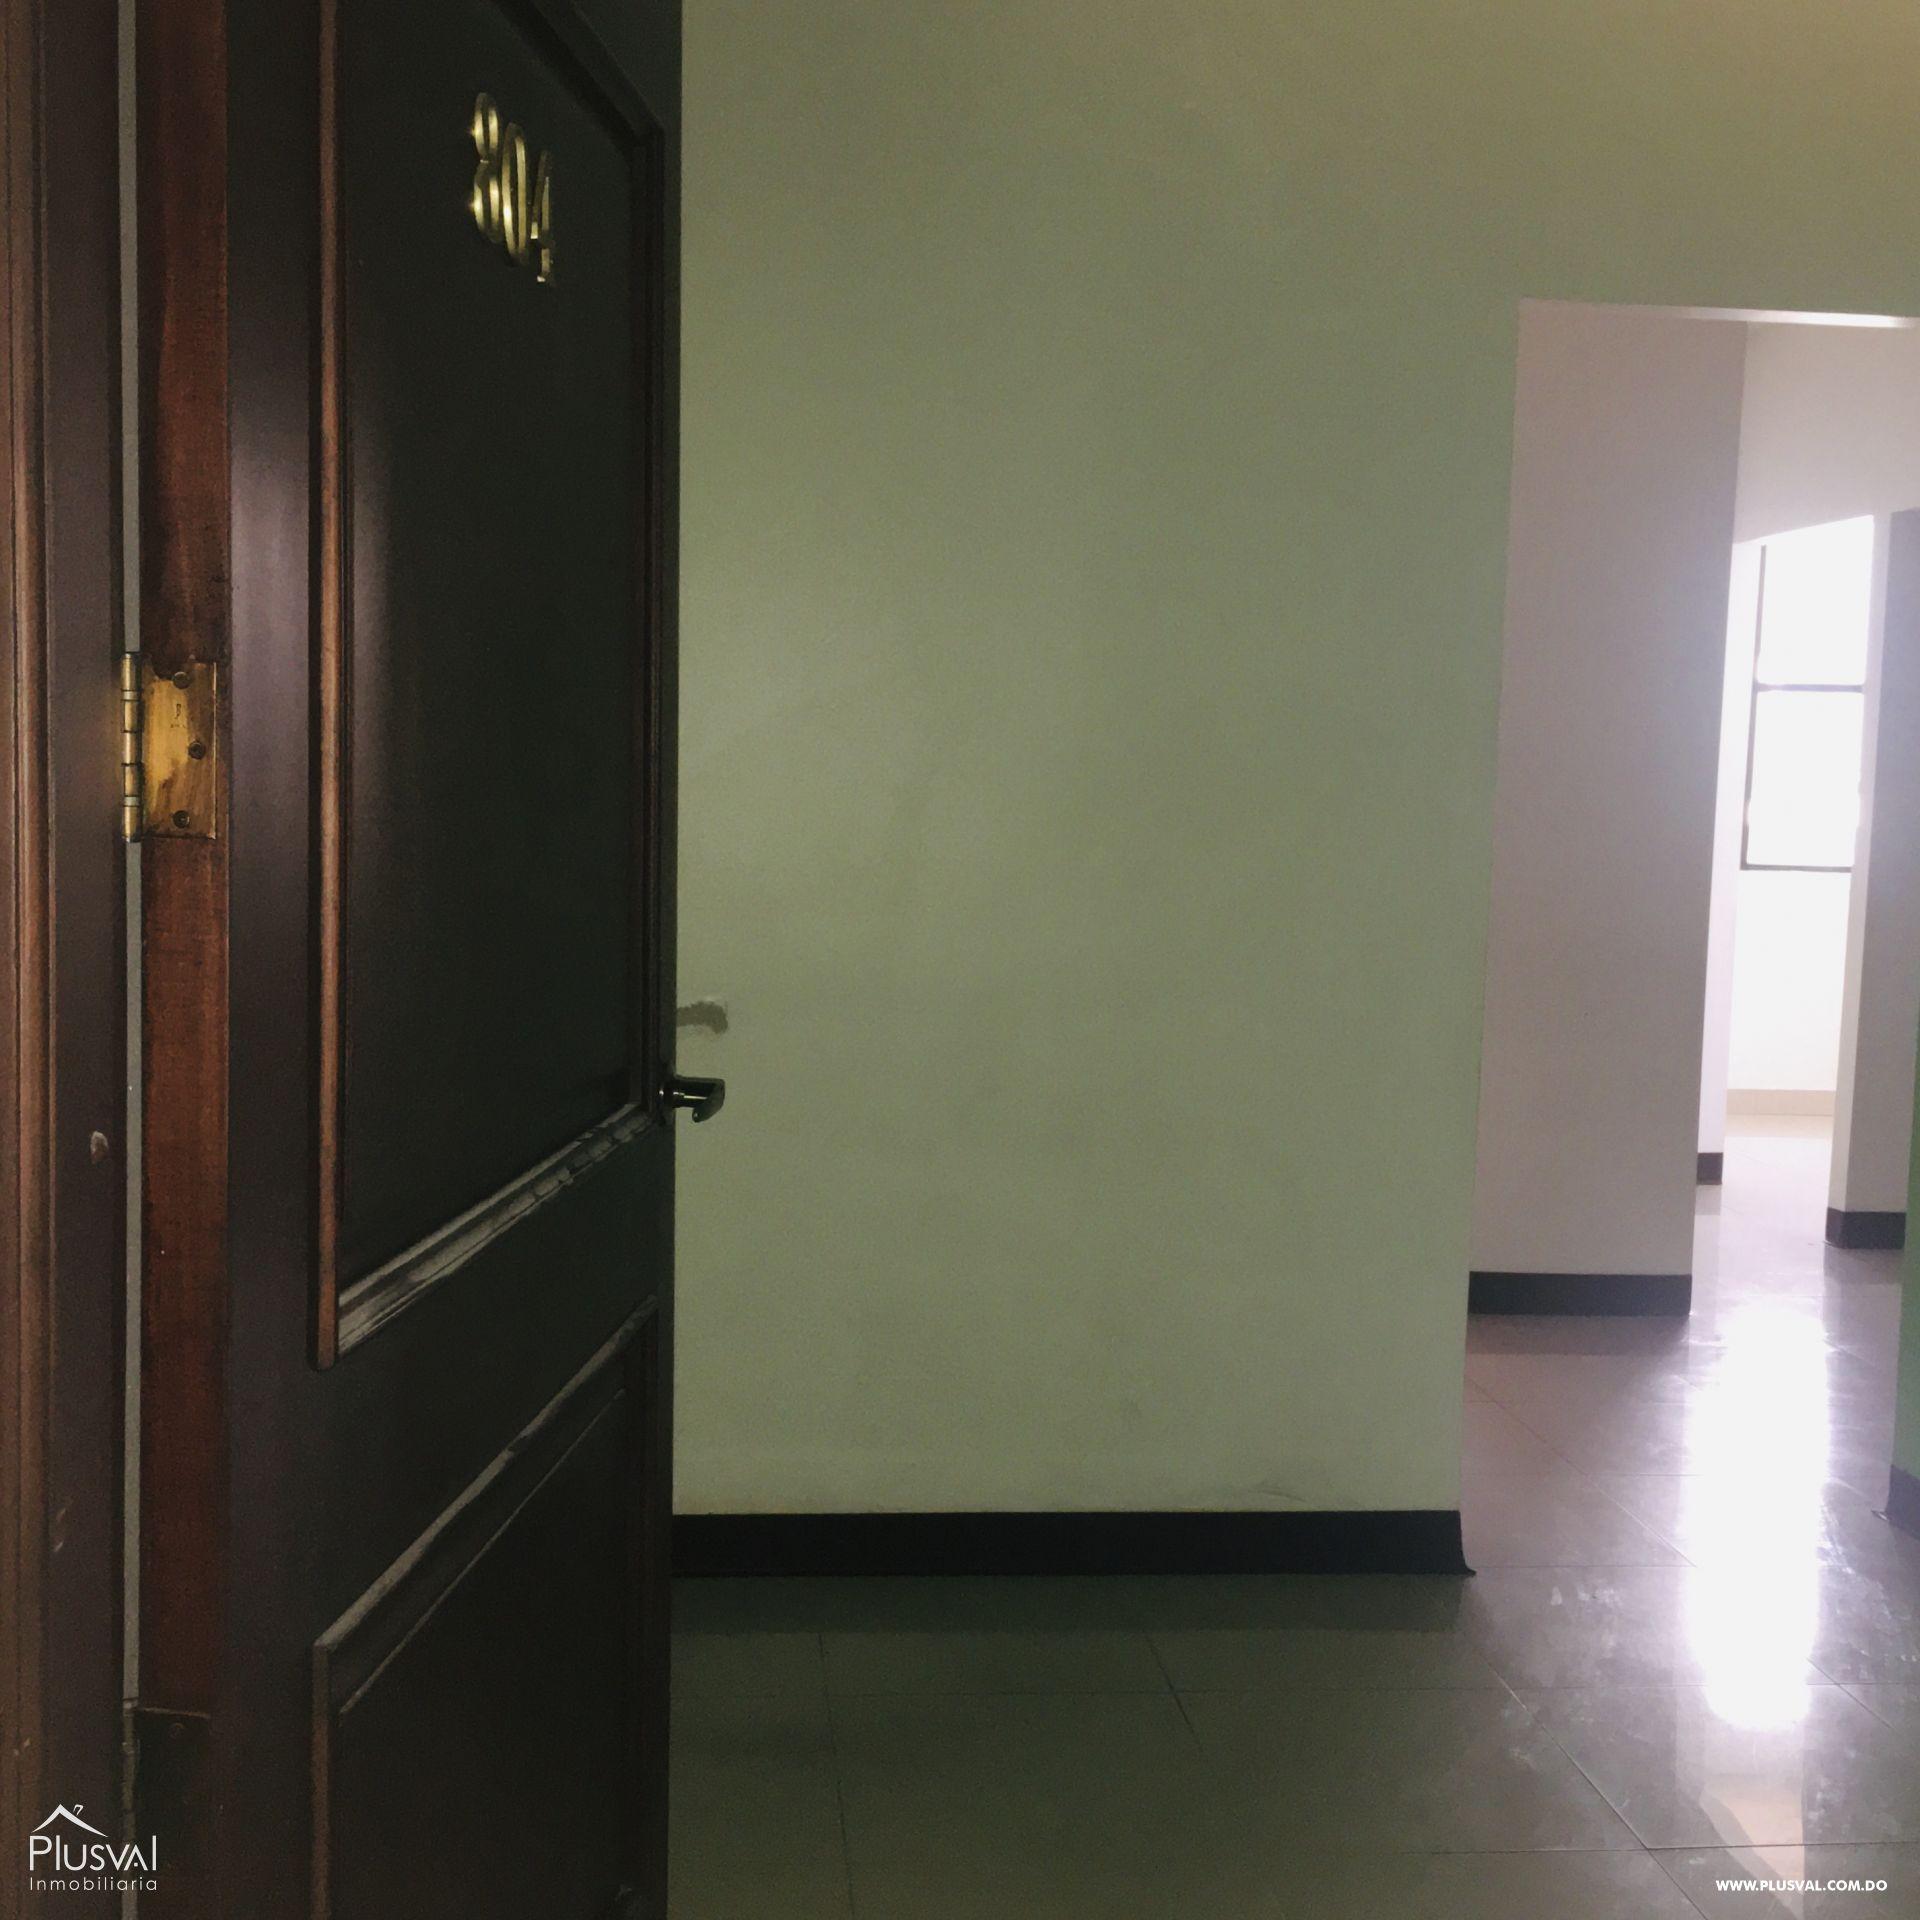 Moderno Local Comercial o de Oficinas de  Alquiler en Piantini